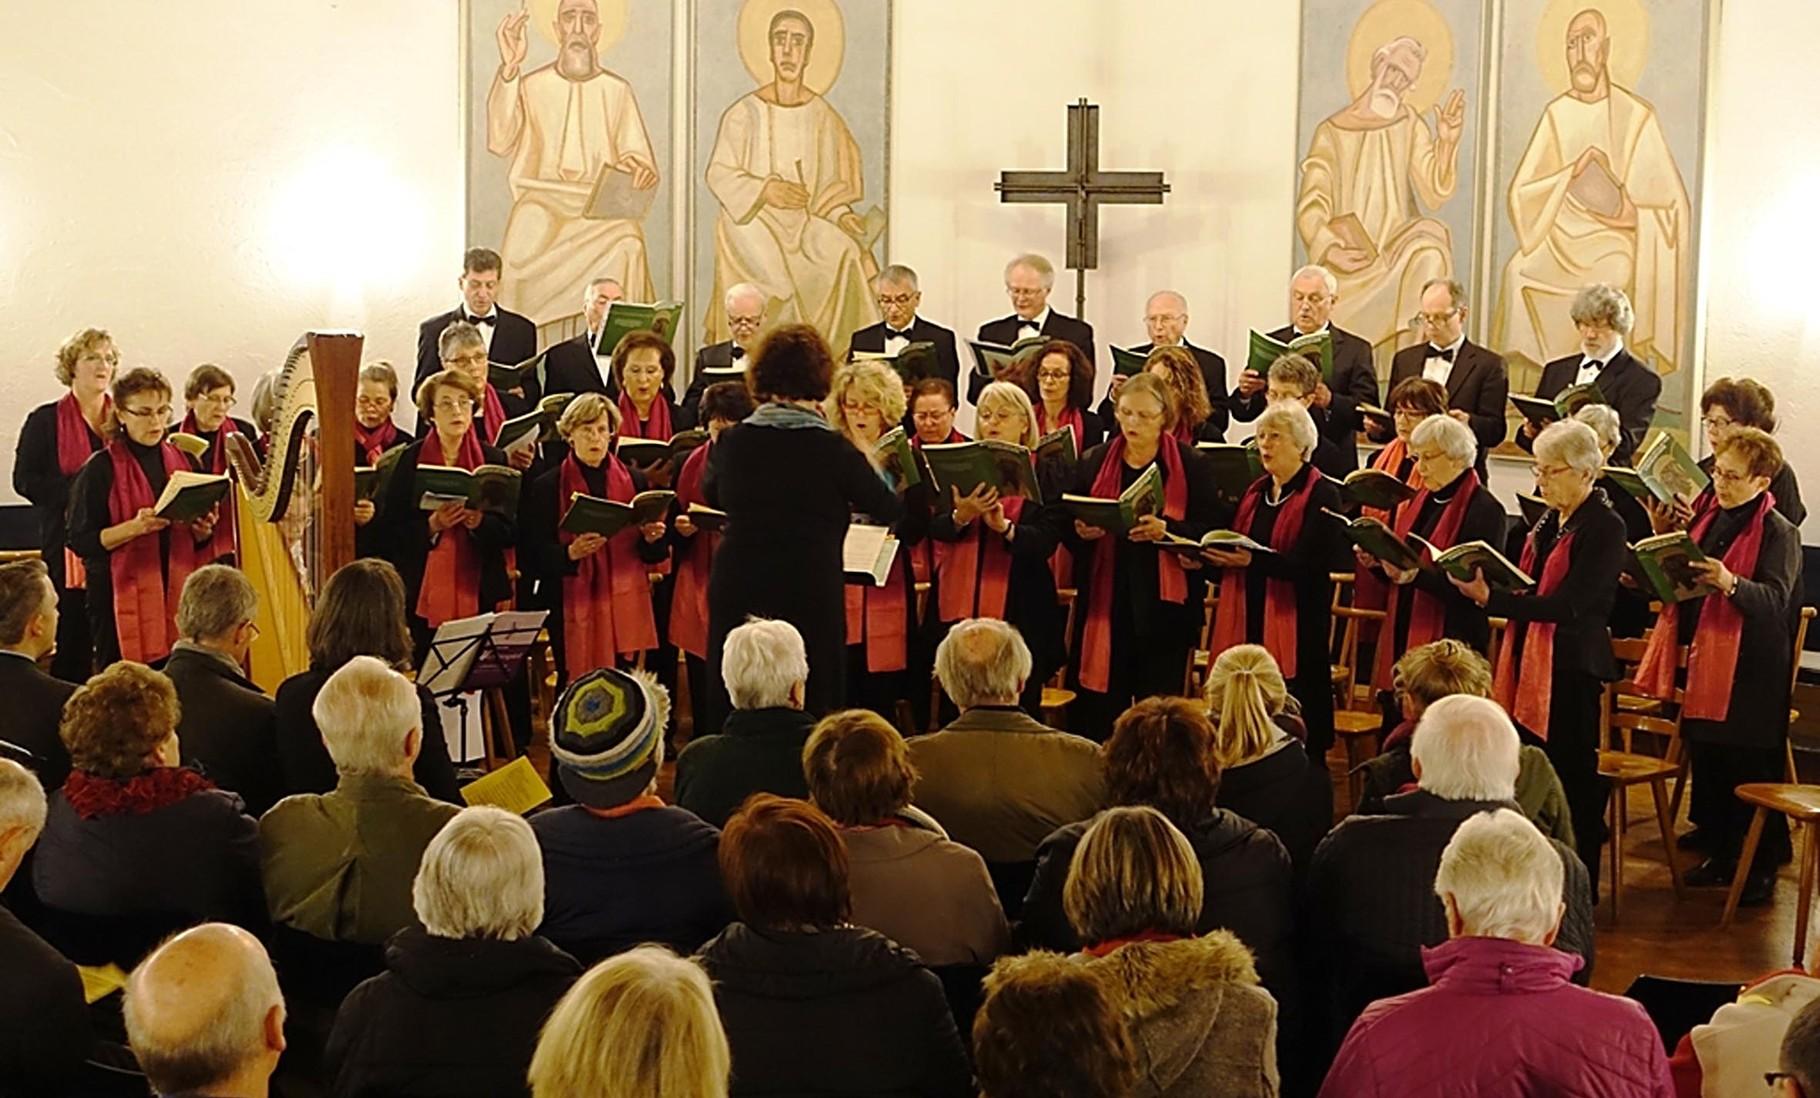 19. 12. 2015 Weihnachtskonzert in der Evangelischen Kirche, Grafing